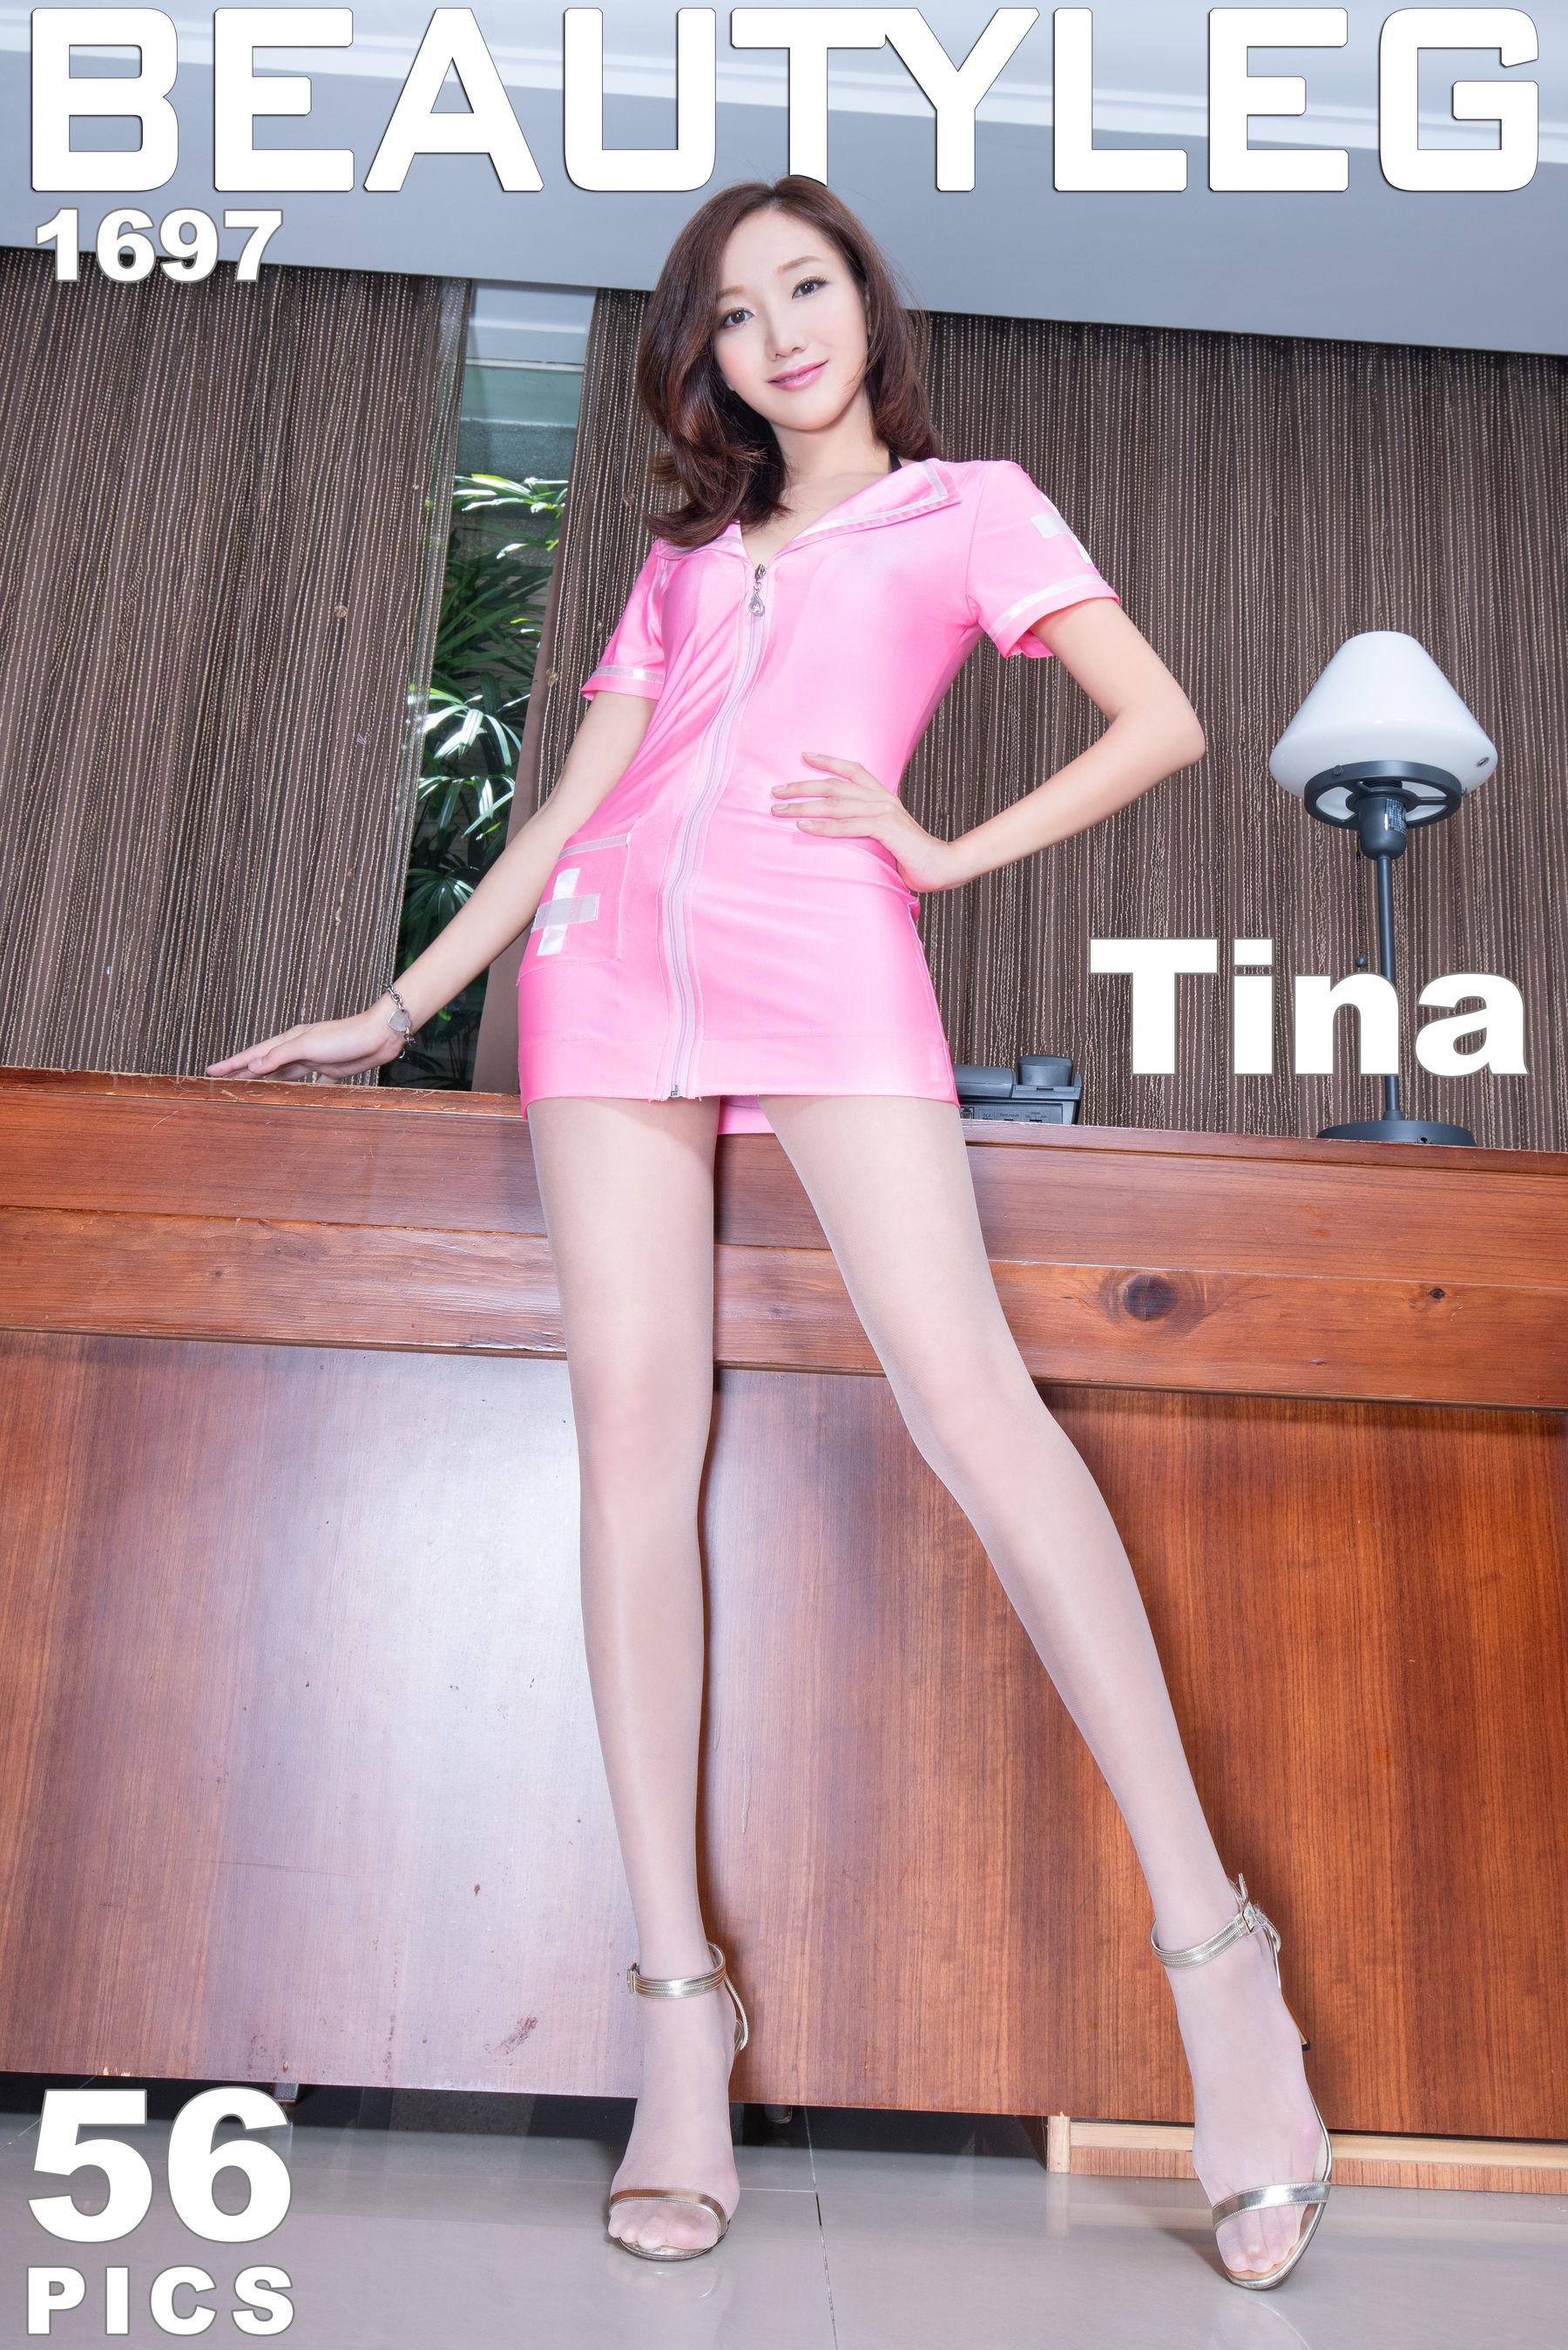 VOL.1469 [Beautyleg]丝袜美腿包臀裙美女长腿美女:陈思婷(腿模Tina,李霜)超高清个人性感漂亮大图(46P)